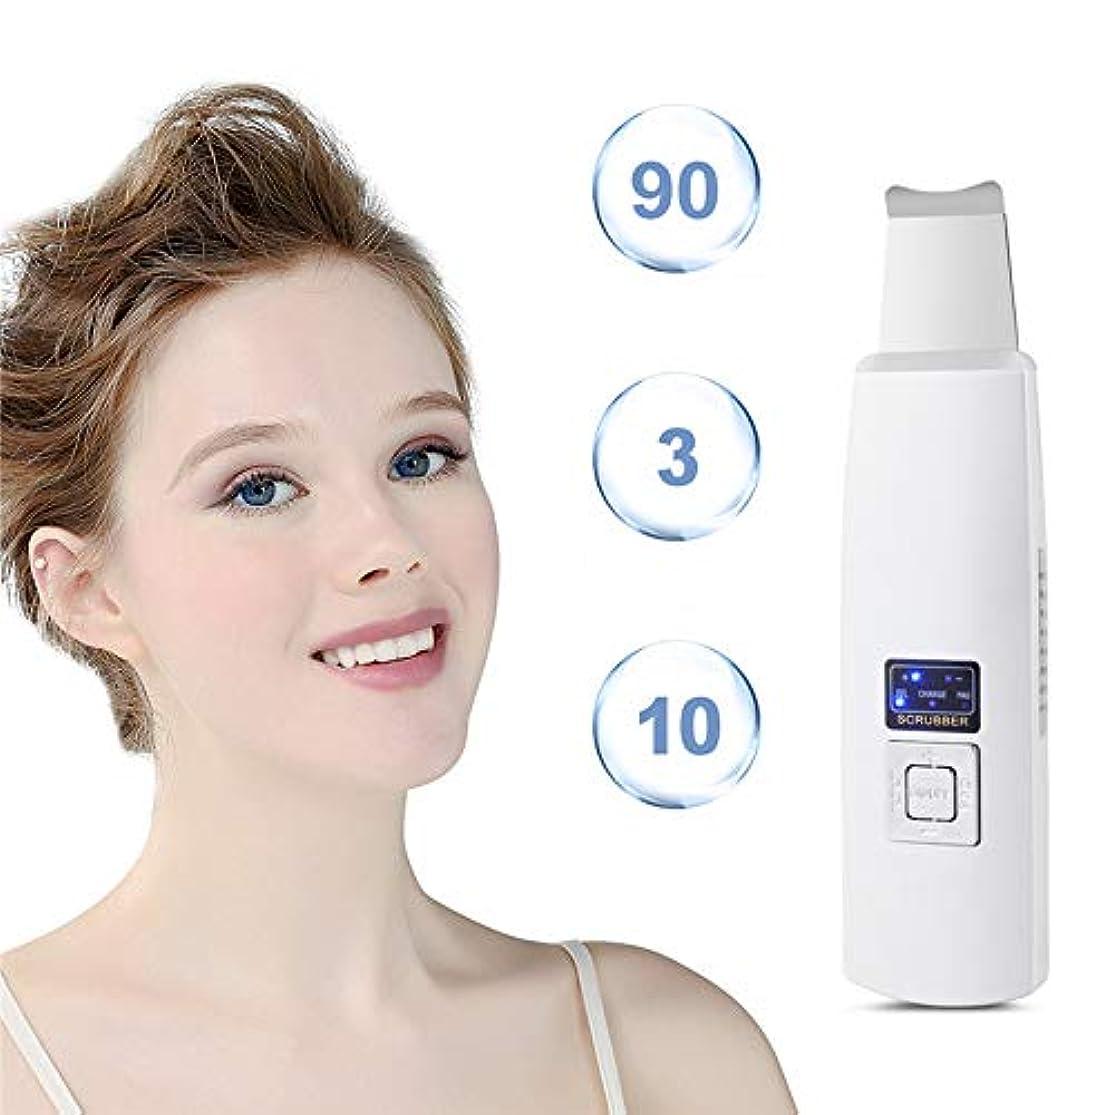 値する節約撤回する毛穴の深さの清潔になることおよび顔の持ち上がることのために再充電可能な携帯用皮のスクラバーの剥離剤にきびの除去剤の表面皮のへら